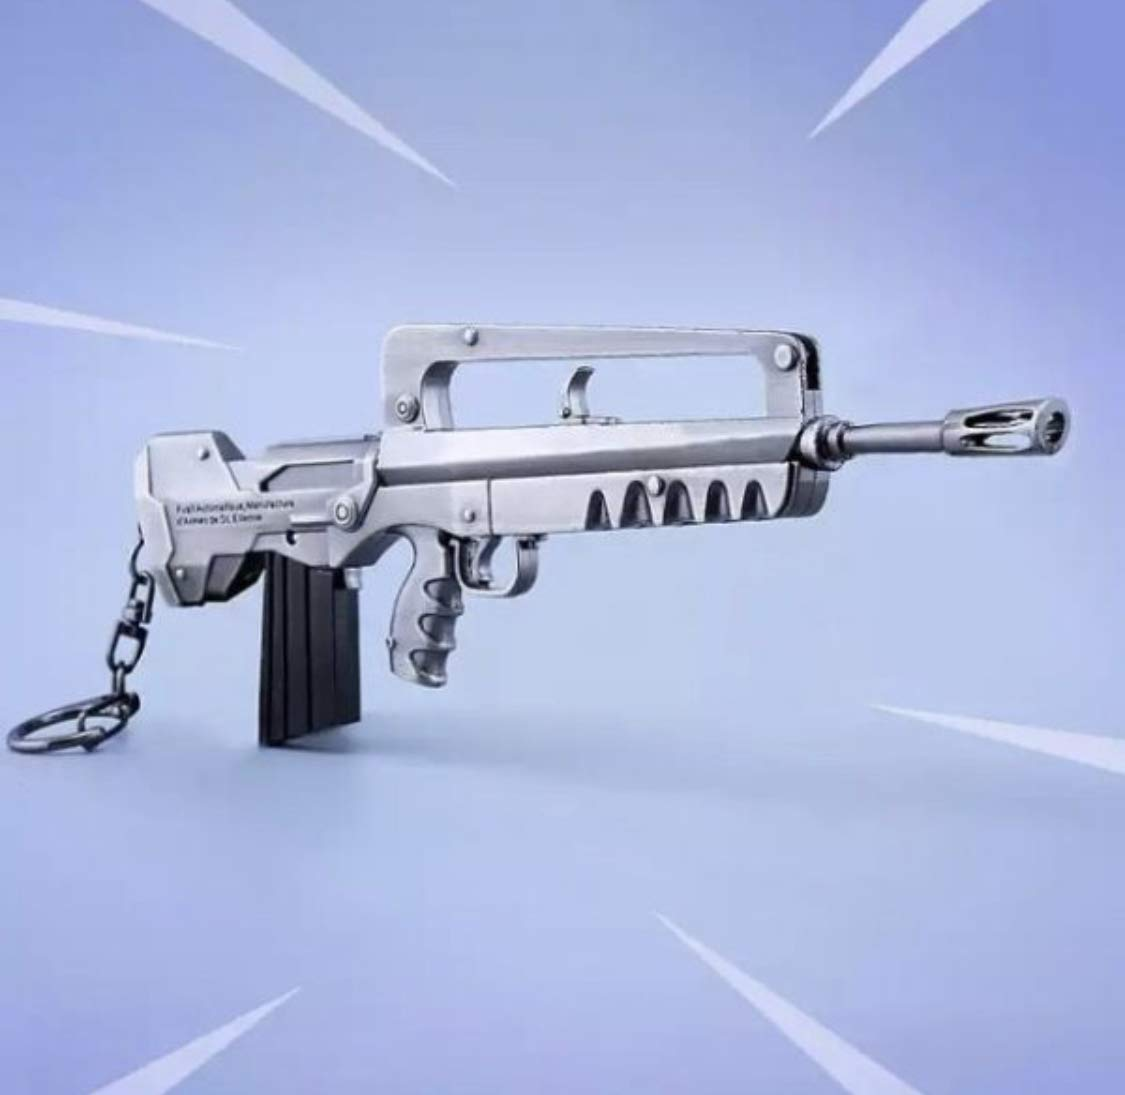 激安本物 【海外限定】 フォートナイト キーホルダー 18センチ Fortnite 武器 武器 B07MY26NF6, ソウサグン:07dbbf75 --- agiven.com